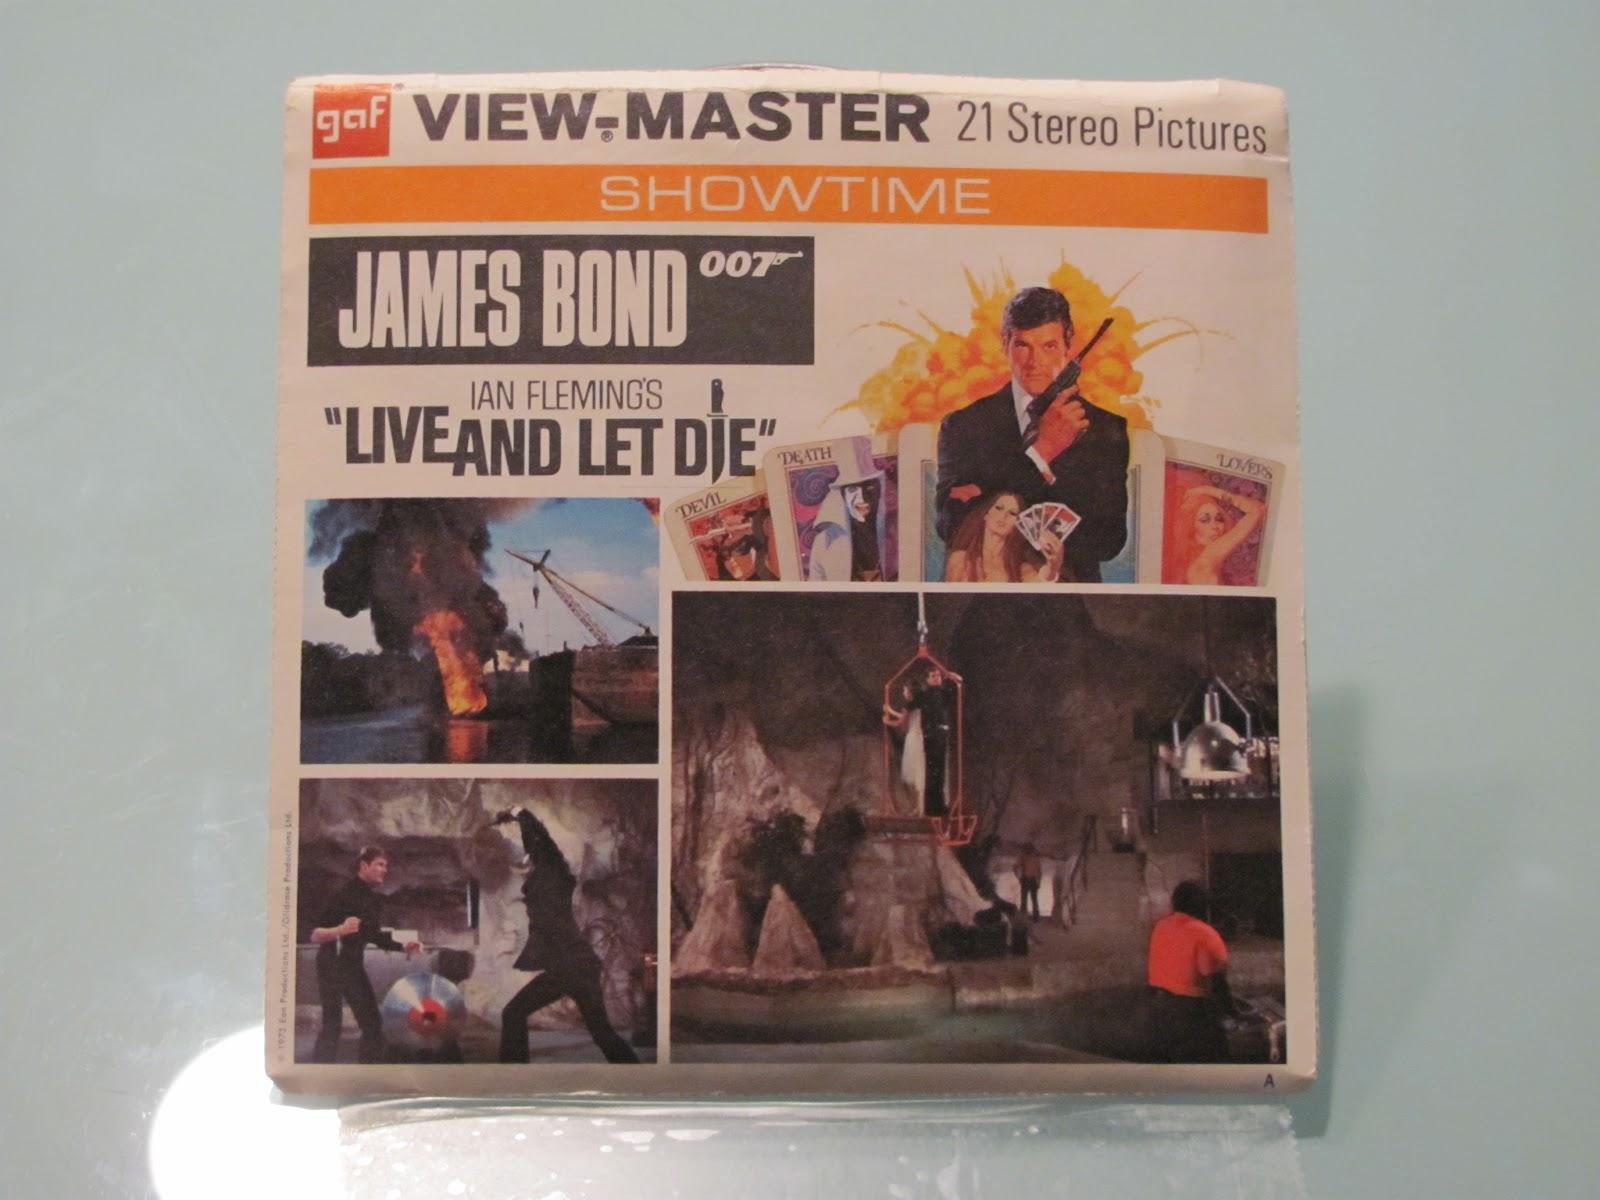 On veux le retour des VIEW MASTER sur les parcs disney  View-master disneyland IMG_2844